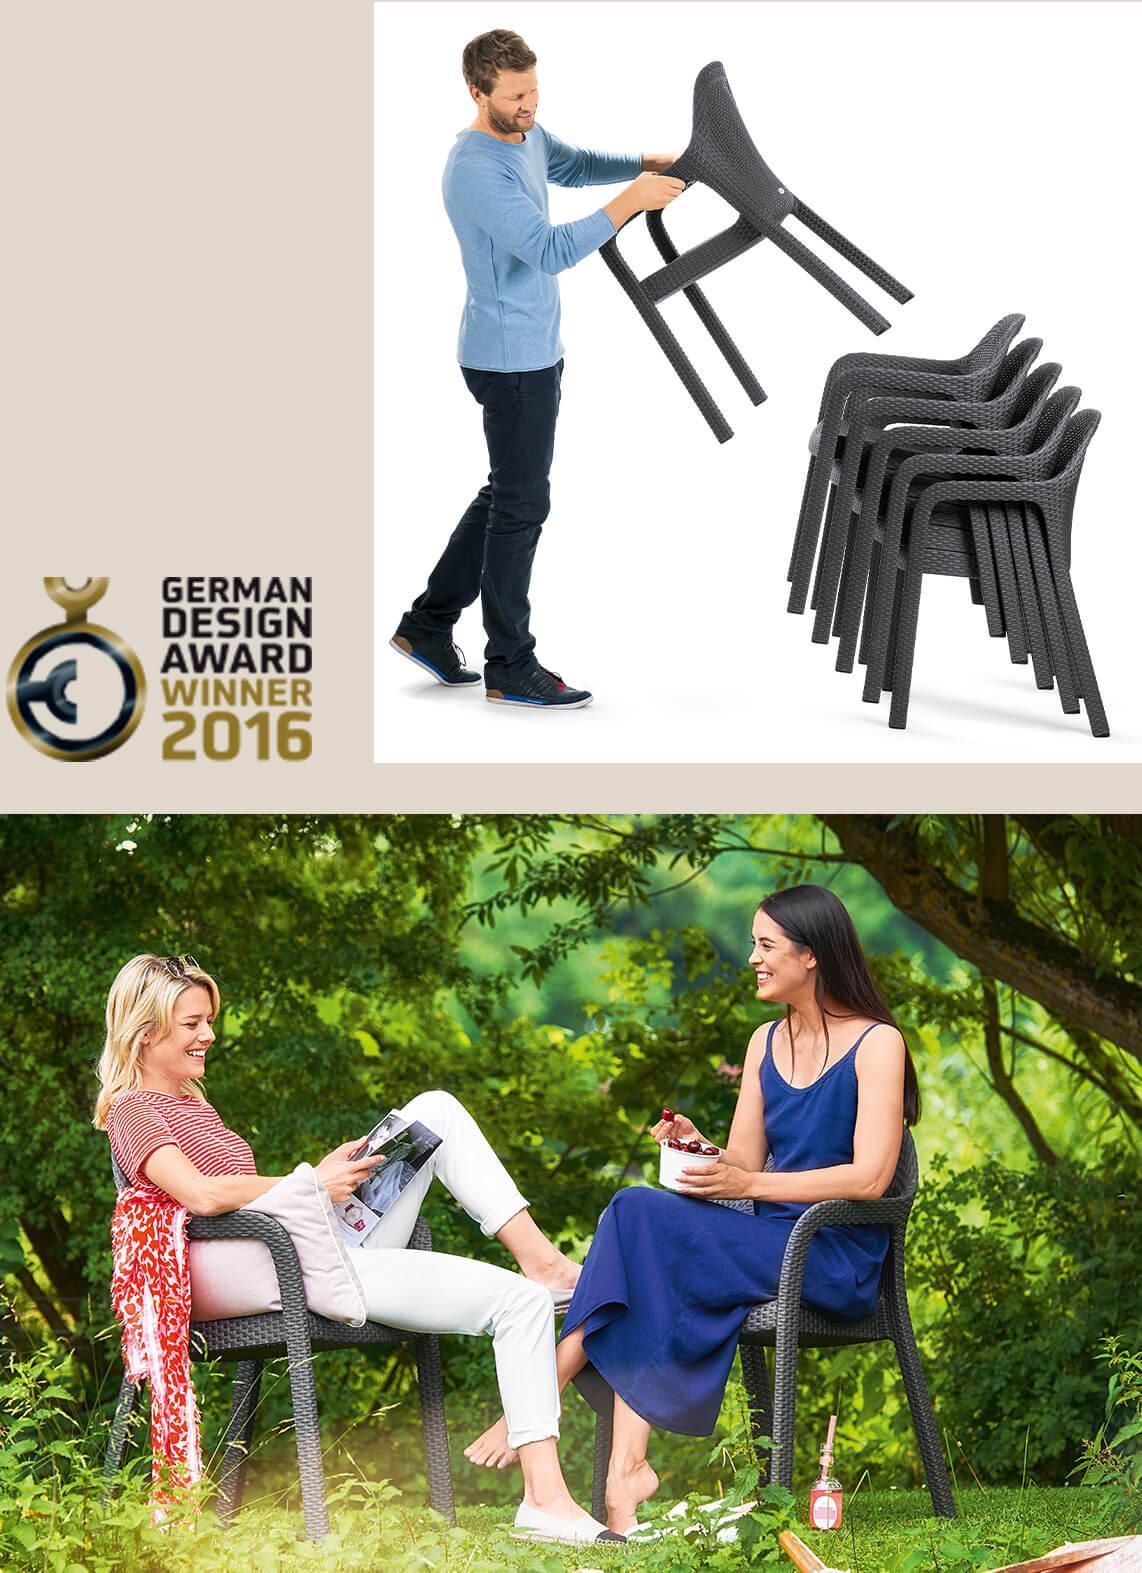 'Jonge man stapelt heel eenvoudig verschillende LECHUZA stoelen op elkaar. Twee vriendinnen zitten op stoelen in de weide onder een boom